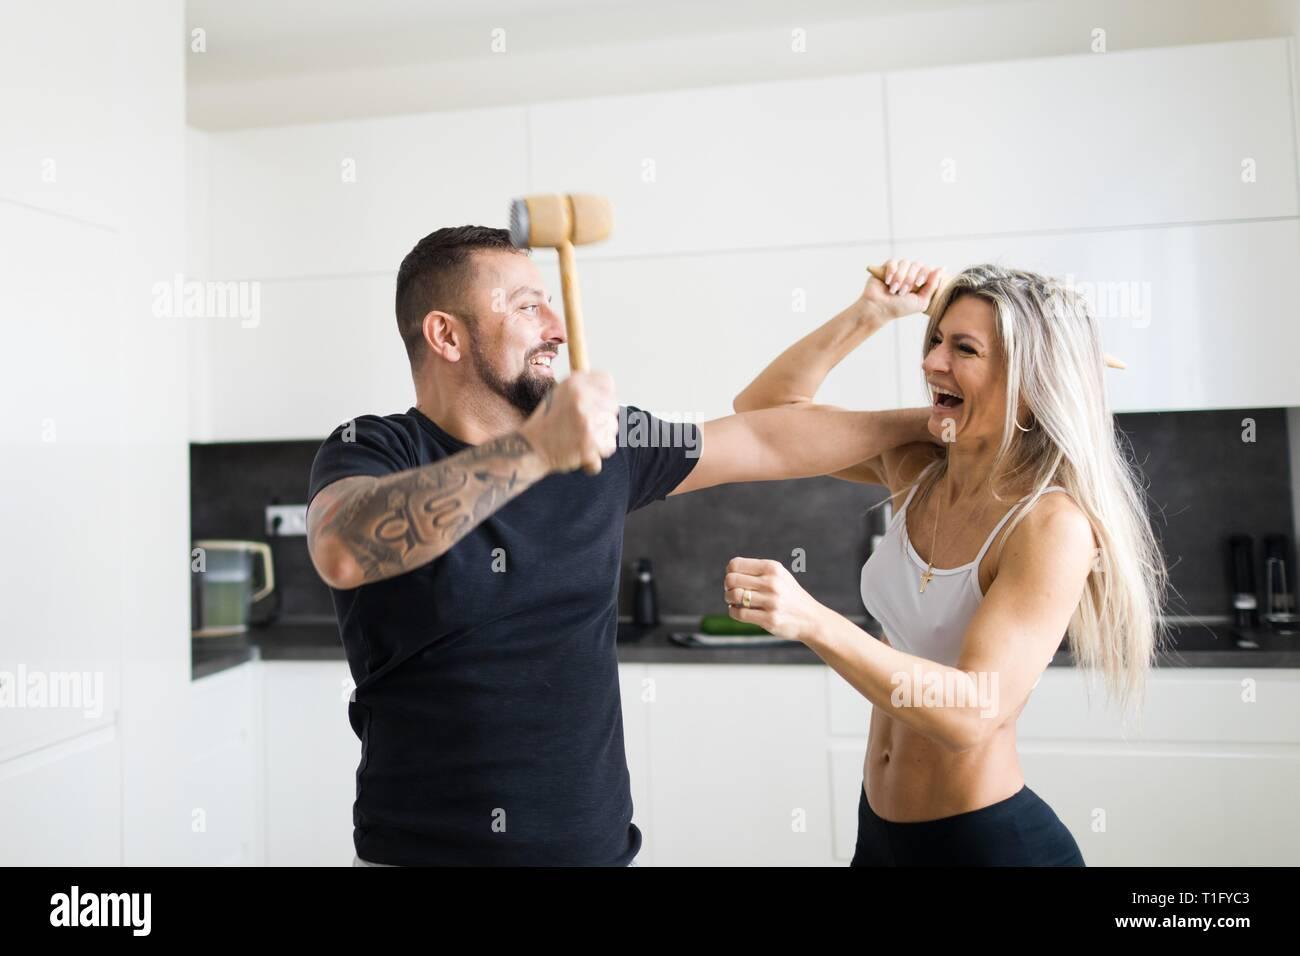 Mann und Frau Konfrontation in Küche mit Teig rollen- und fleisch Holzhammer. In einem Spaß zusammen. Stockbild